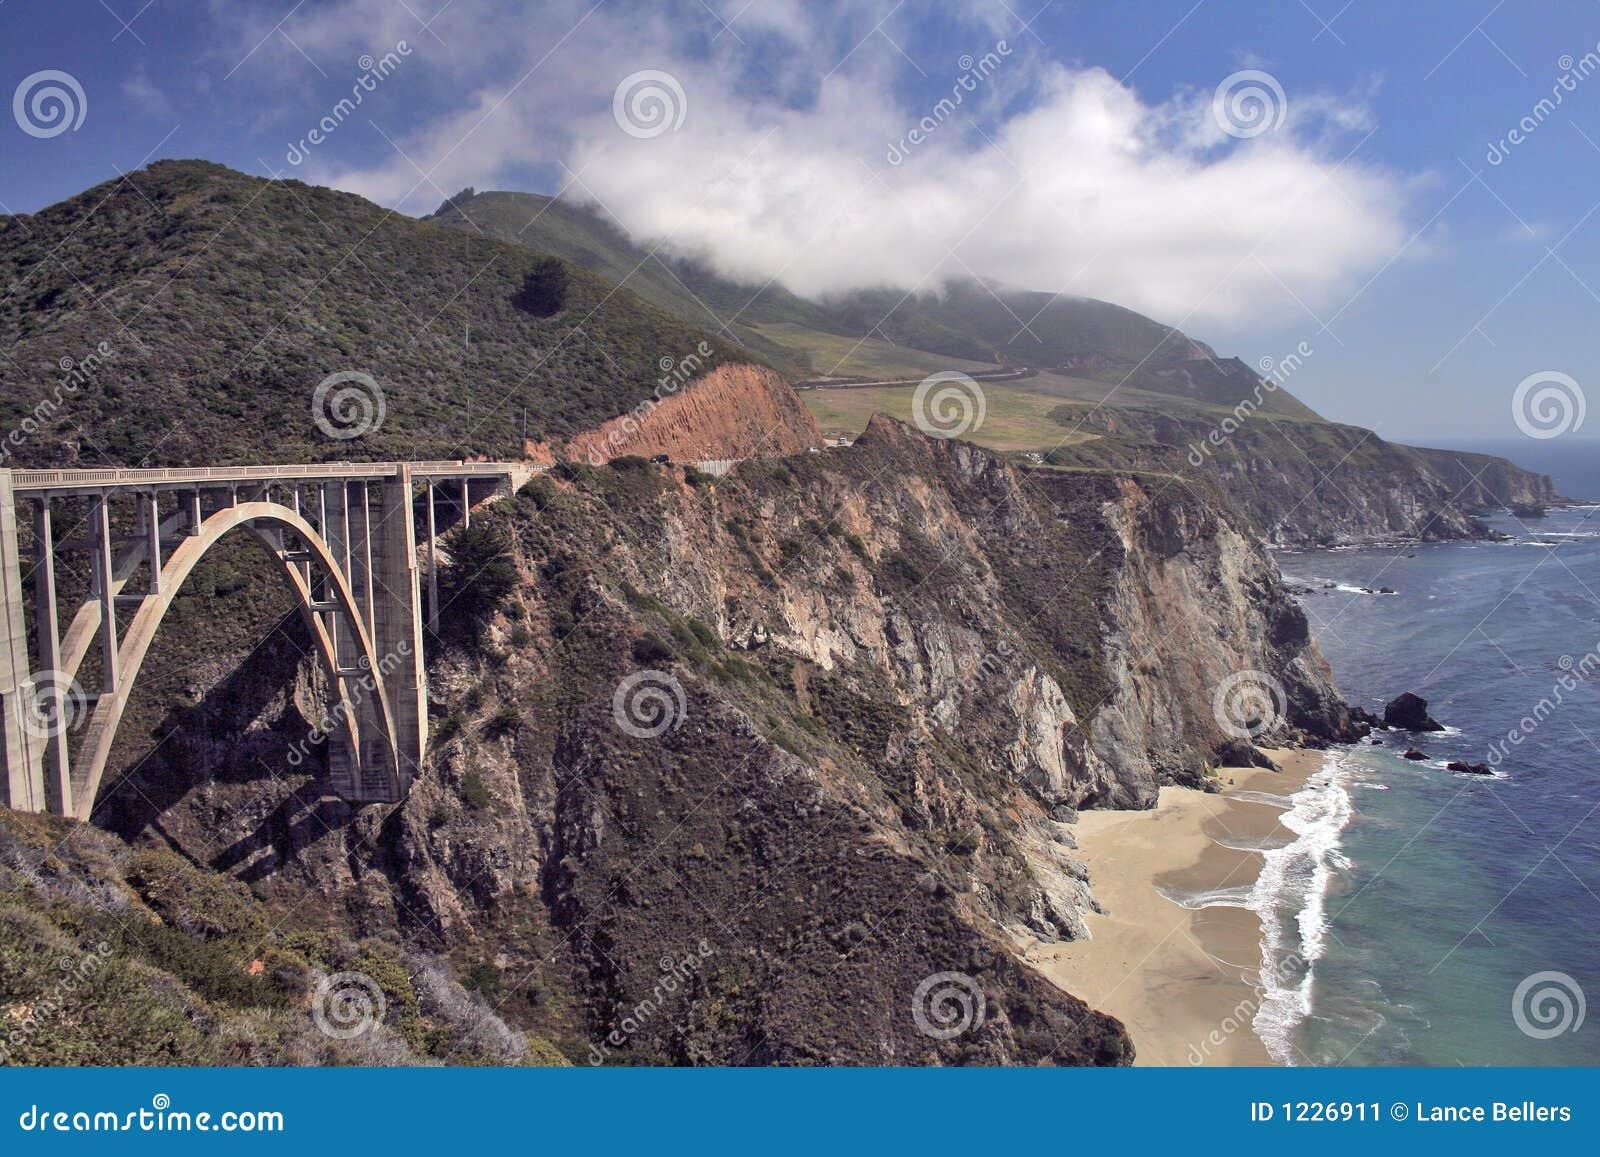 Bridge over Highway One